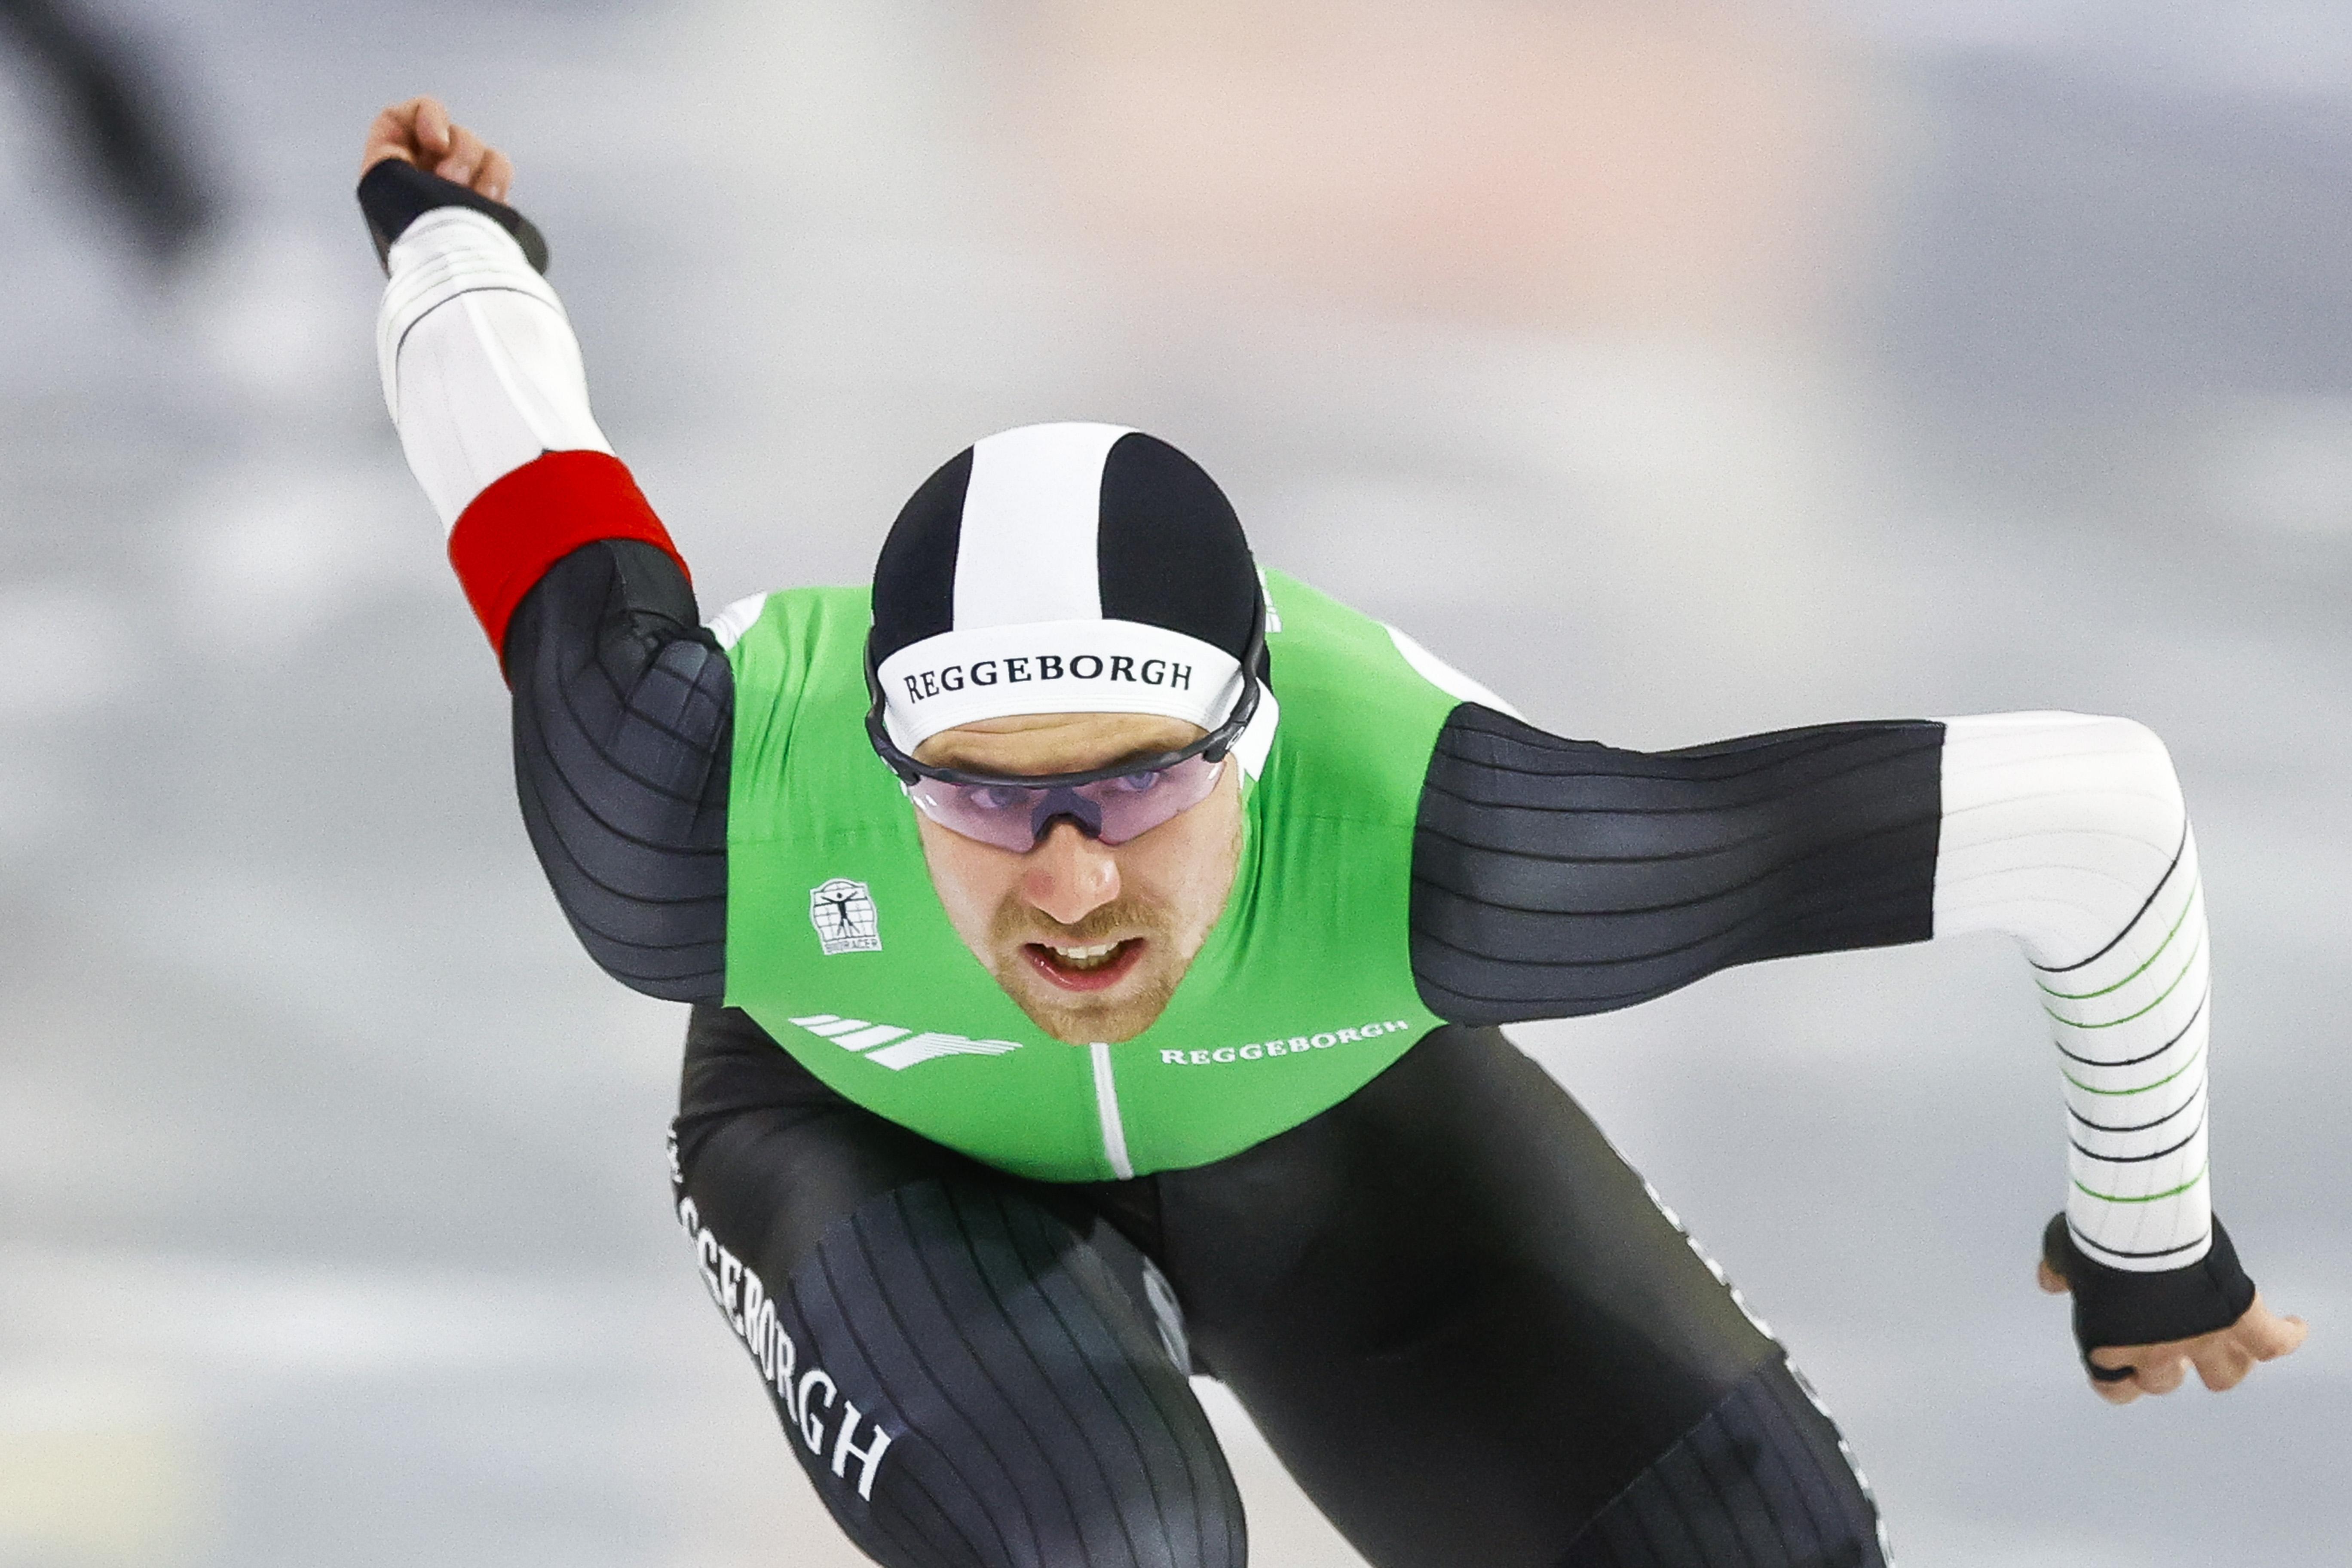 Wesly Dijs uit Soest: 'Ik kon precies doen wat ik wilde en dat gaf zo'n lekker gevoel. Vooral op de 1500 meter ging het goed en maakte ik een paar rake klappen'